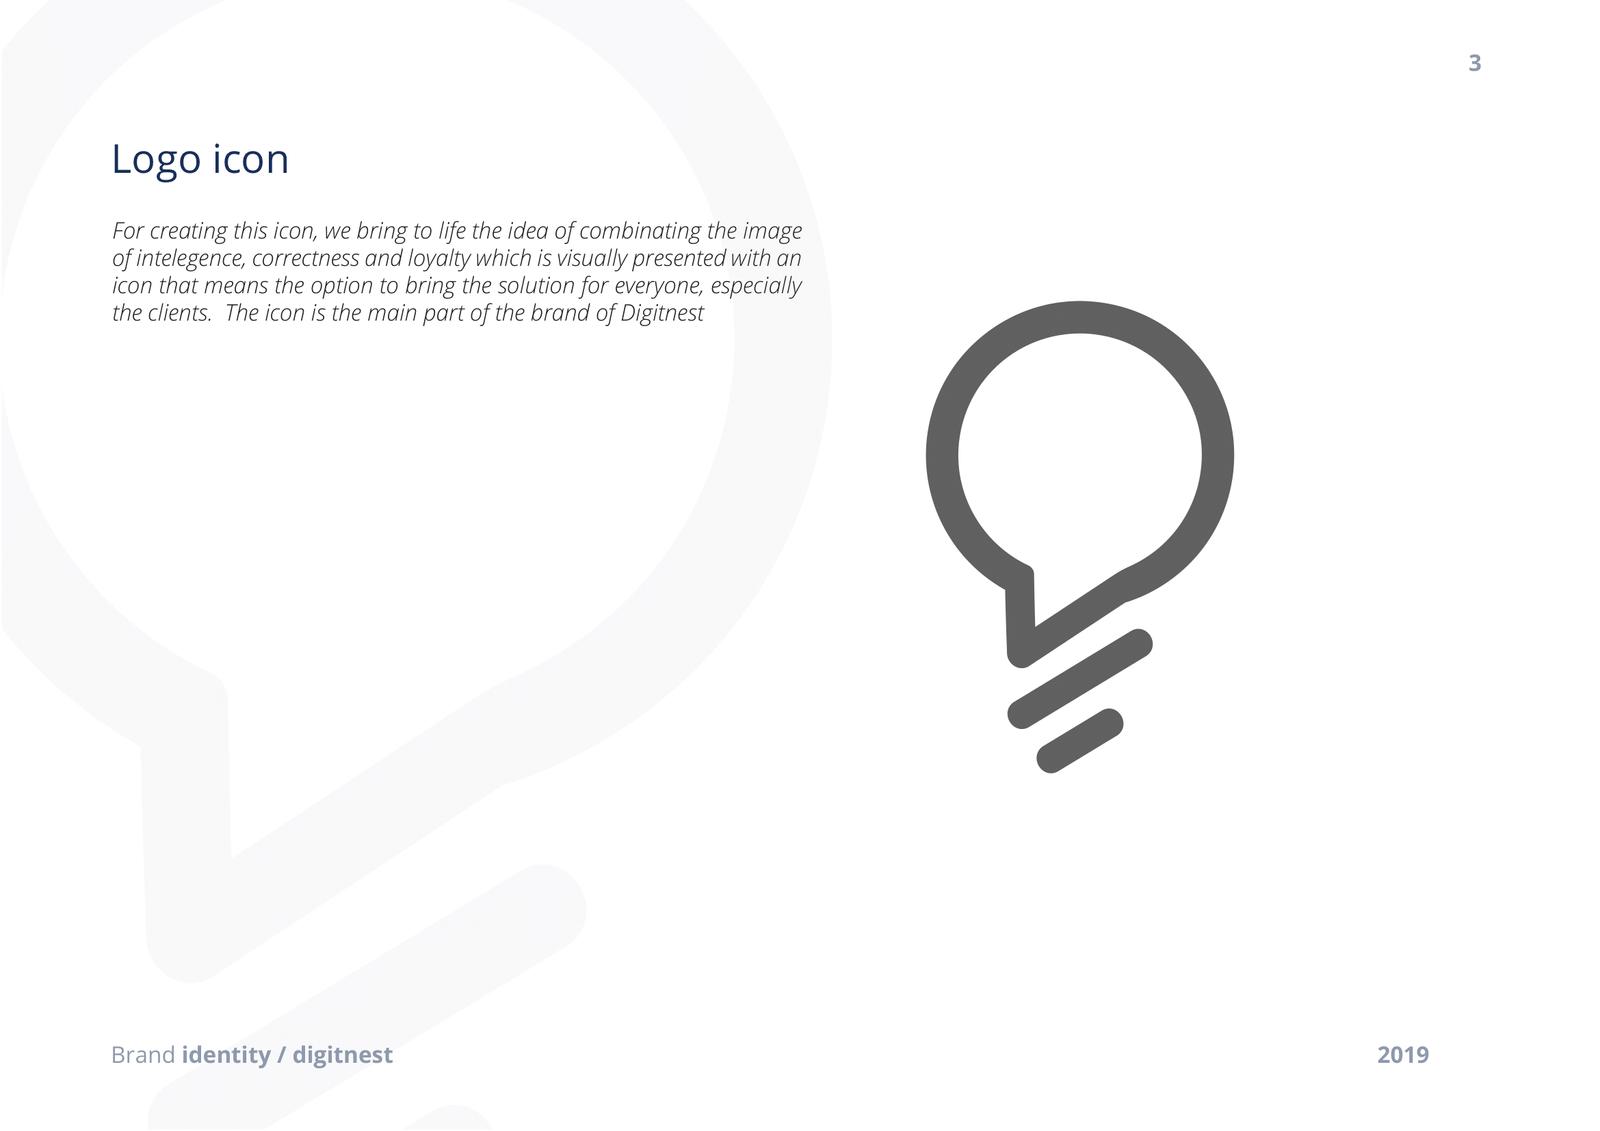 Digitnest_Brand_identity-04